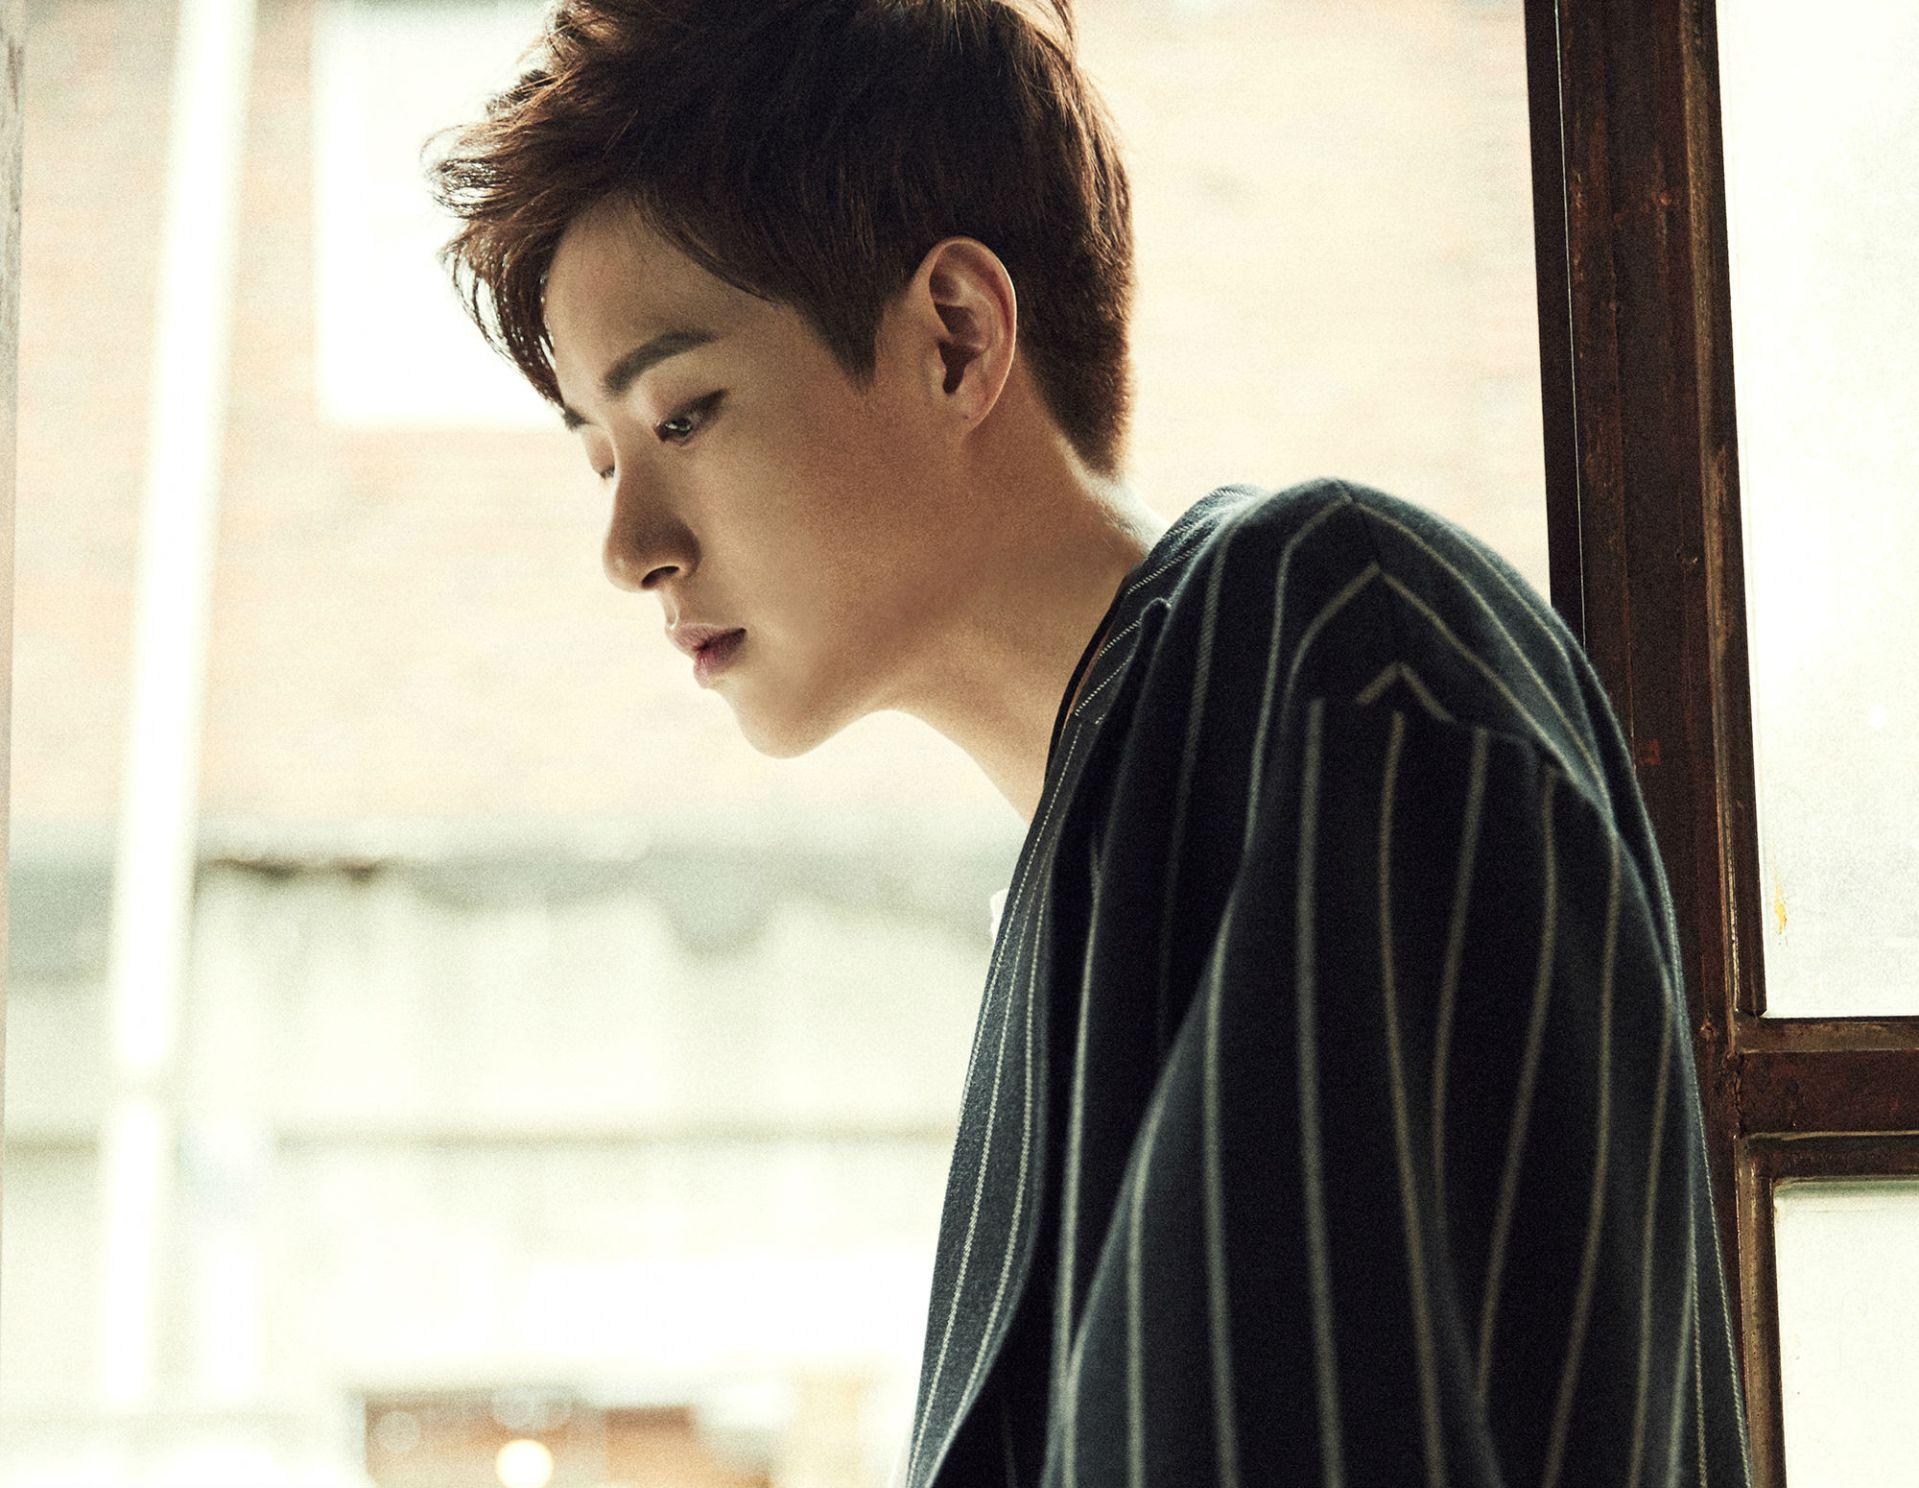 Former Leader, Vocalist, and Lead Dancer of Korean pop boy band 100%